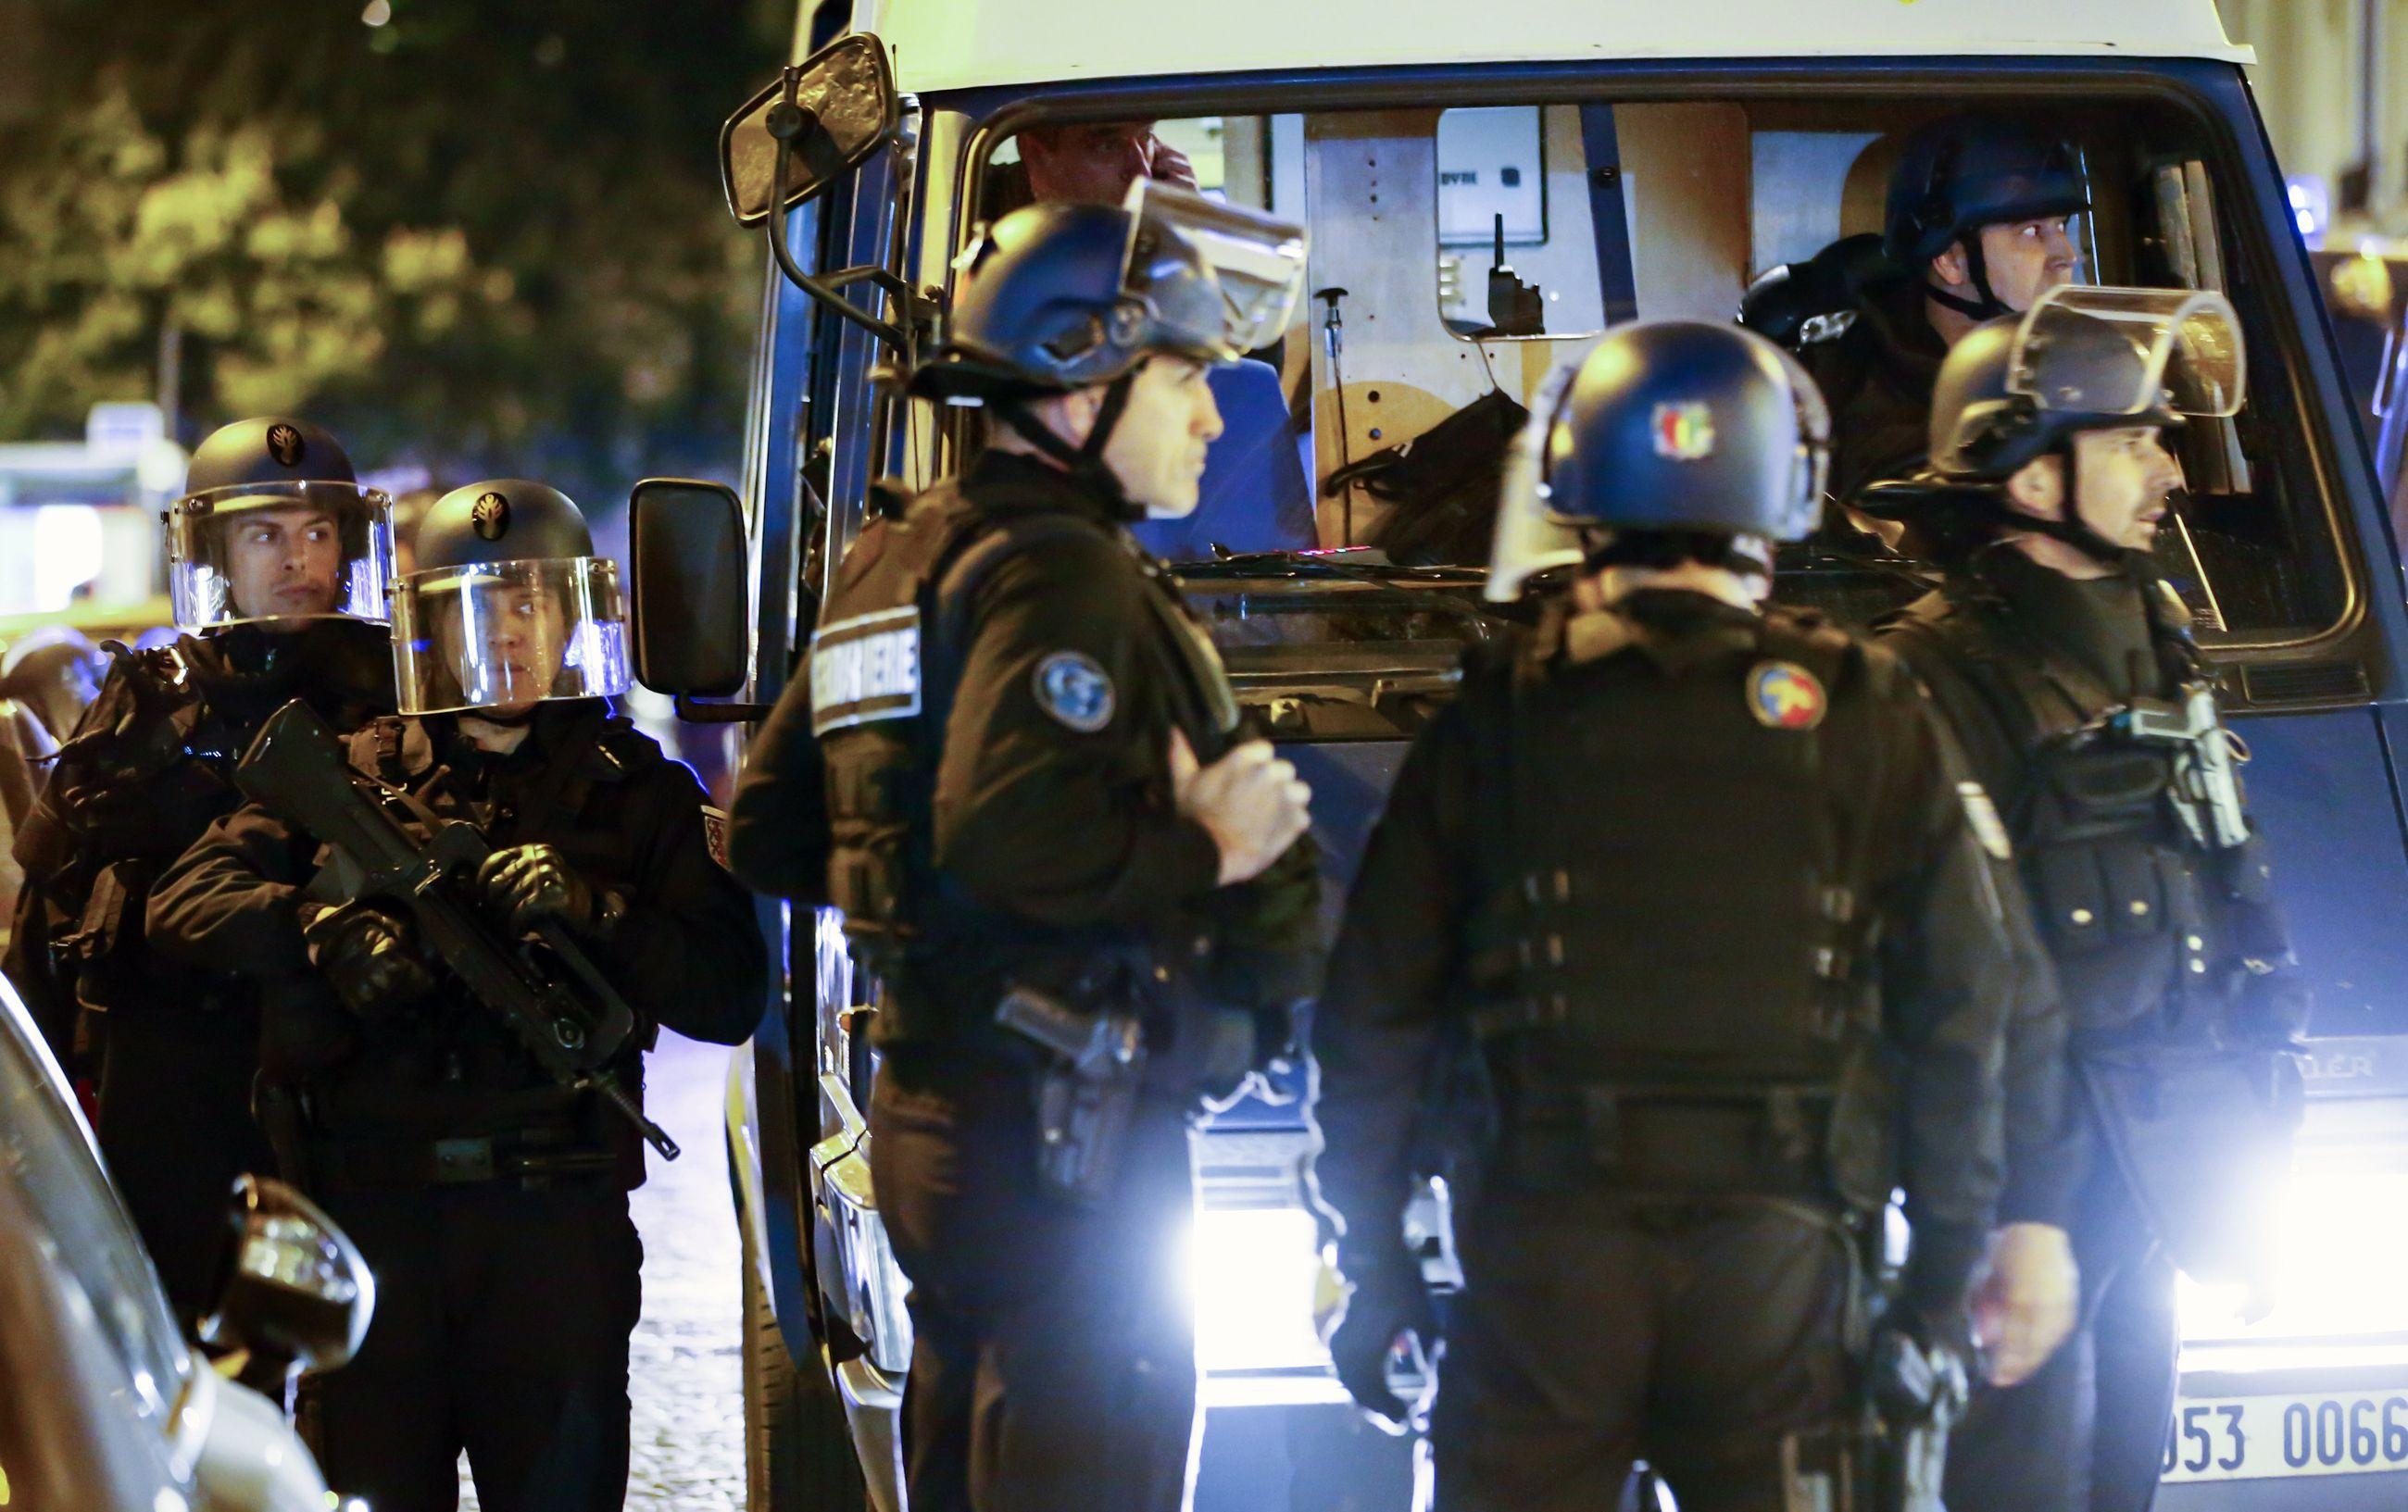 Pariisin Terrori-Isku